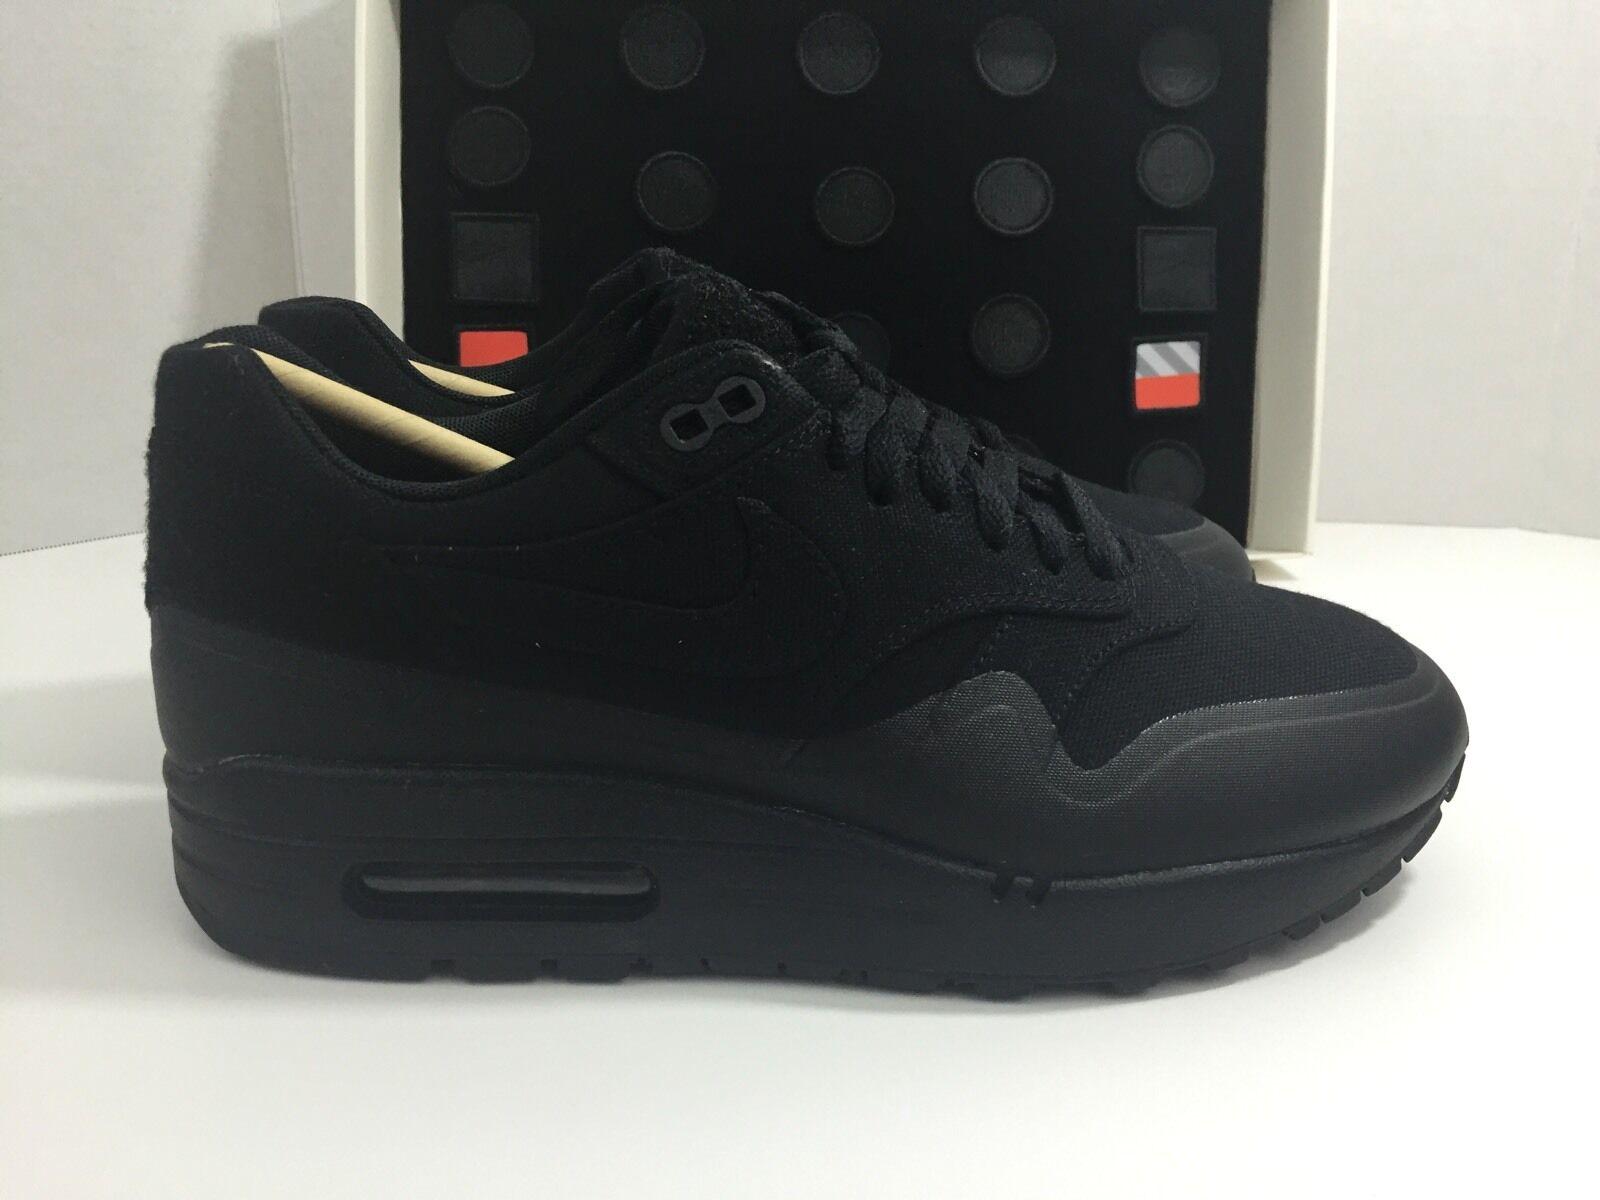 Nike air max 1 / sp patch nero taglia 6,5 ds